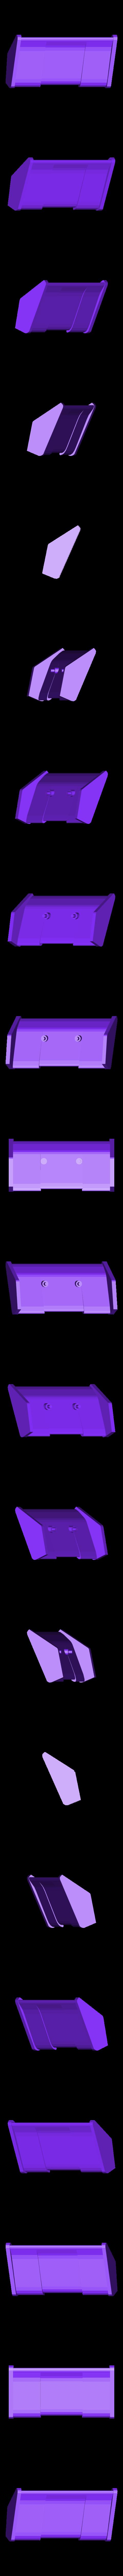 boomerang_wing.stl Télécharger fichier STL gratuit Kit d'échelle TAMIYA BOOMERANG 1:24 pour SUBOTECH • Objet à imprimer en 3D, 3dxl